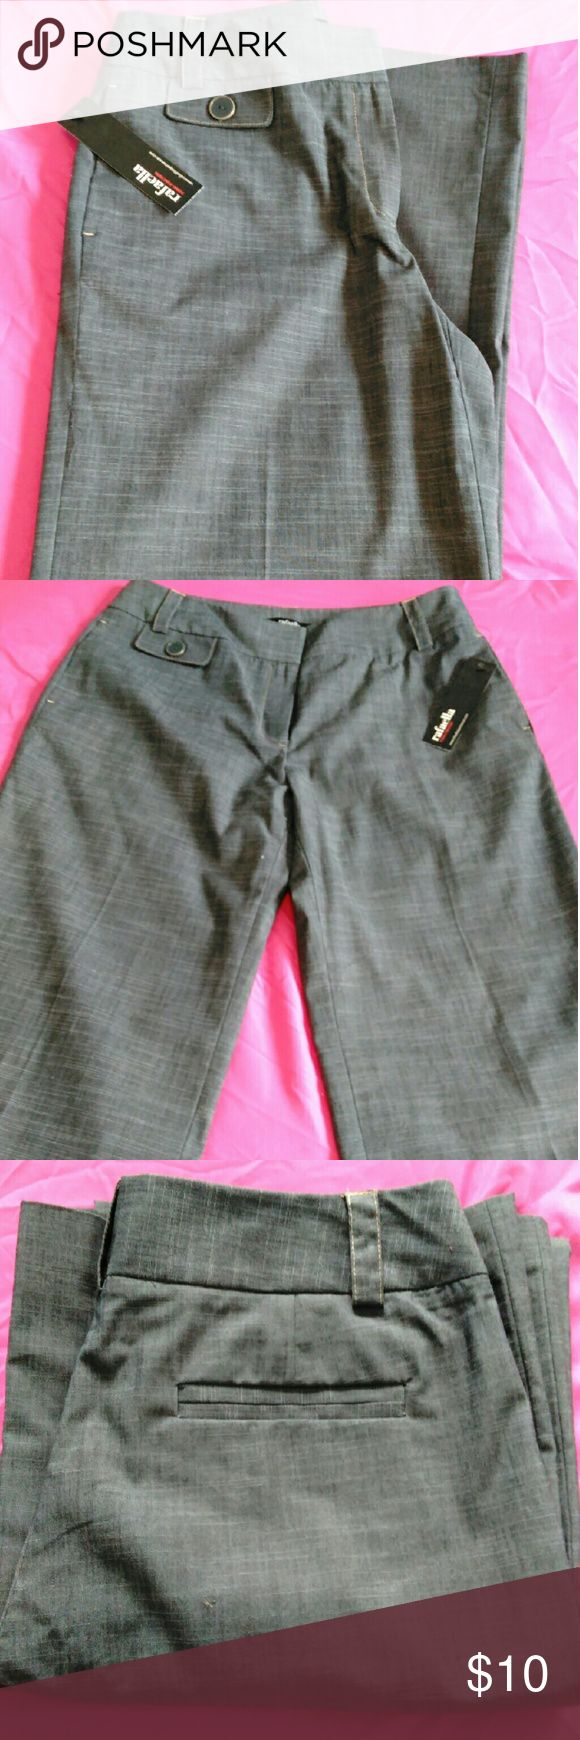 Women's Rafaella Pants NWT Women's Rafaella pants, size 8, new with tag. Modern fit, wide leg. Rafaella Pants Trousers